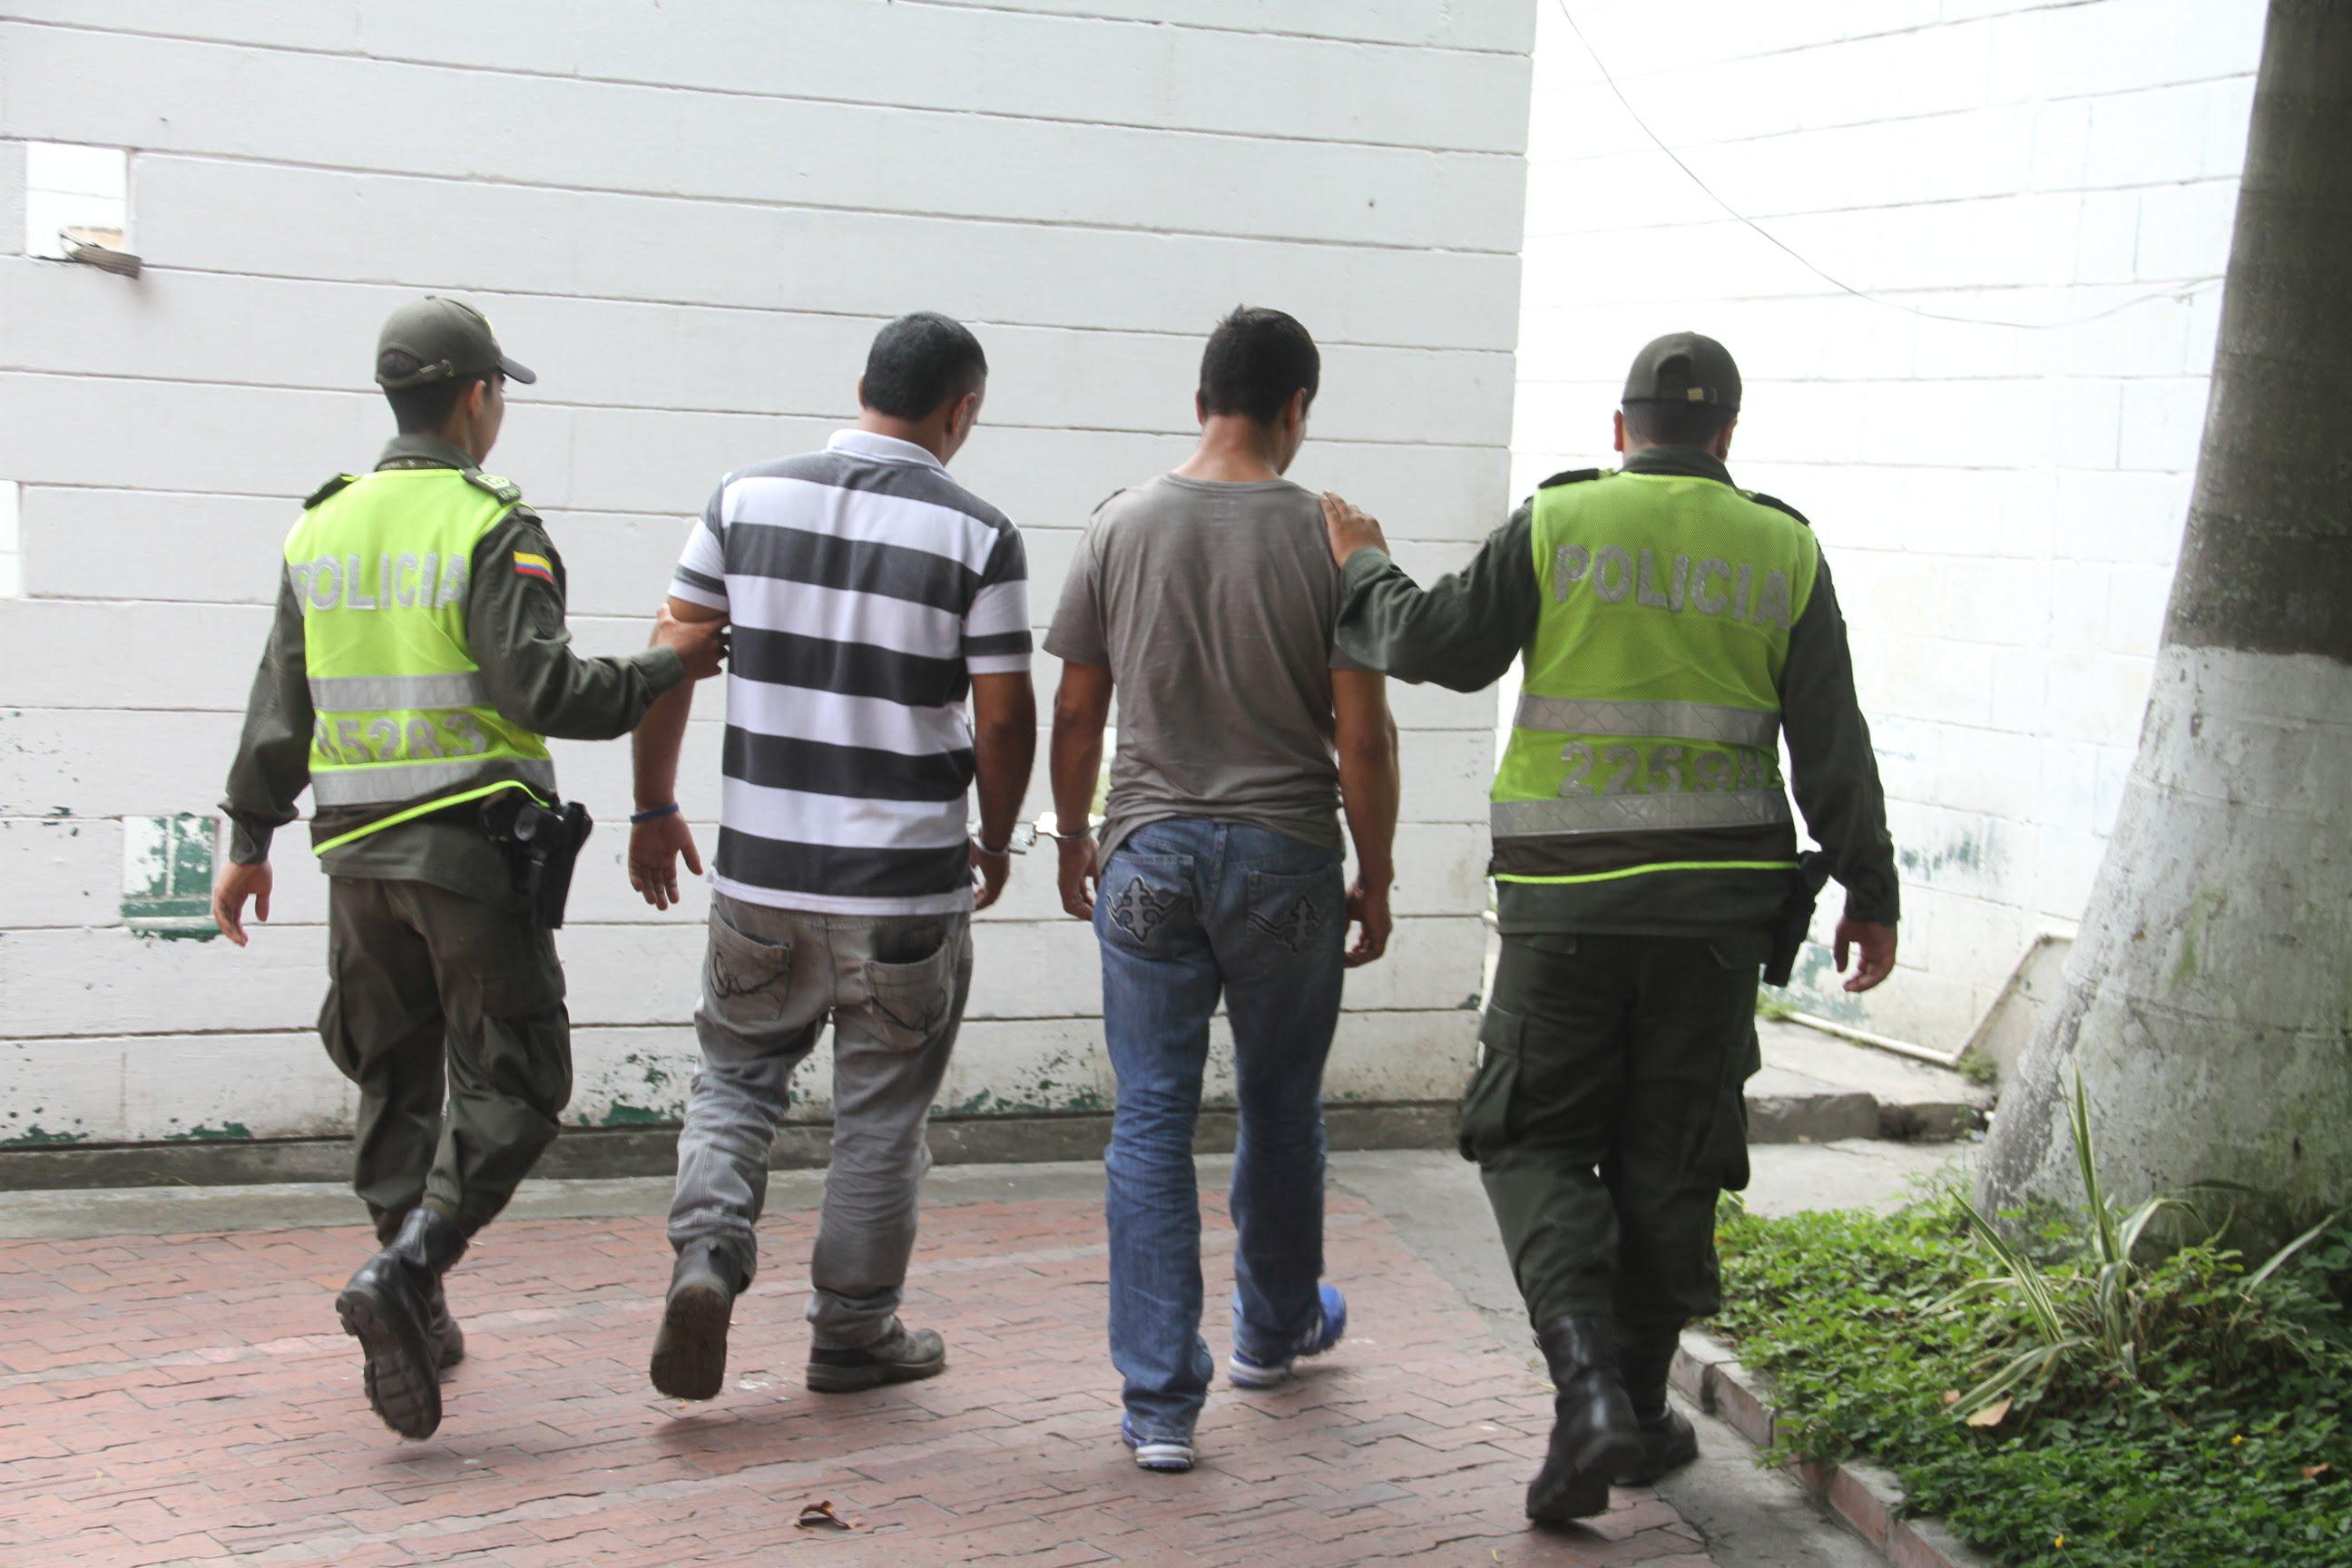 Policía aprehendió a 3 hombres por el delito de robo de luz